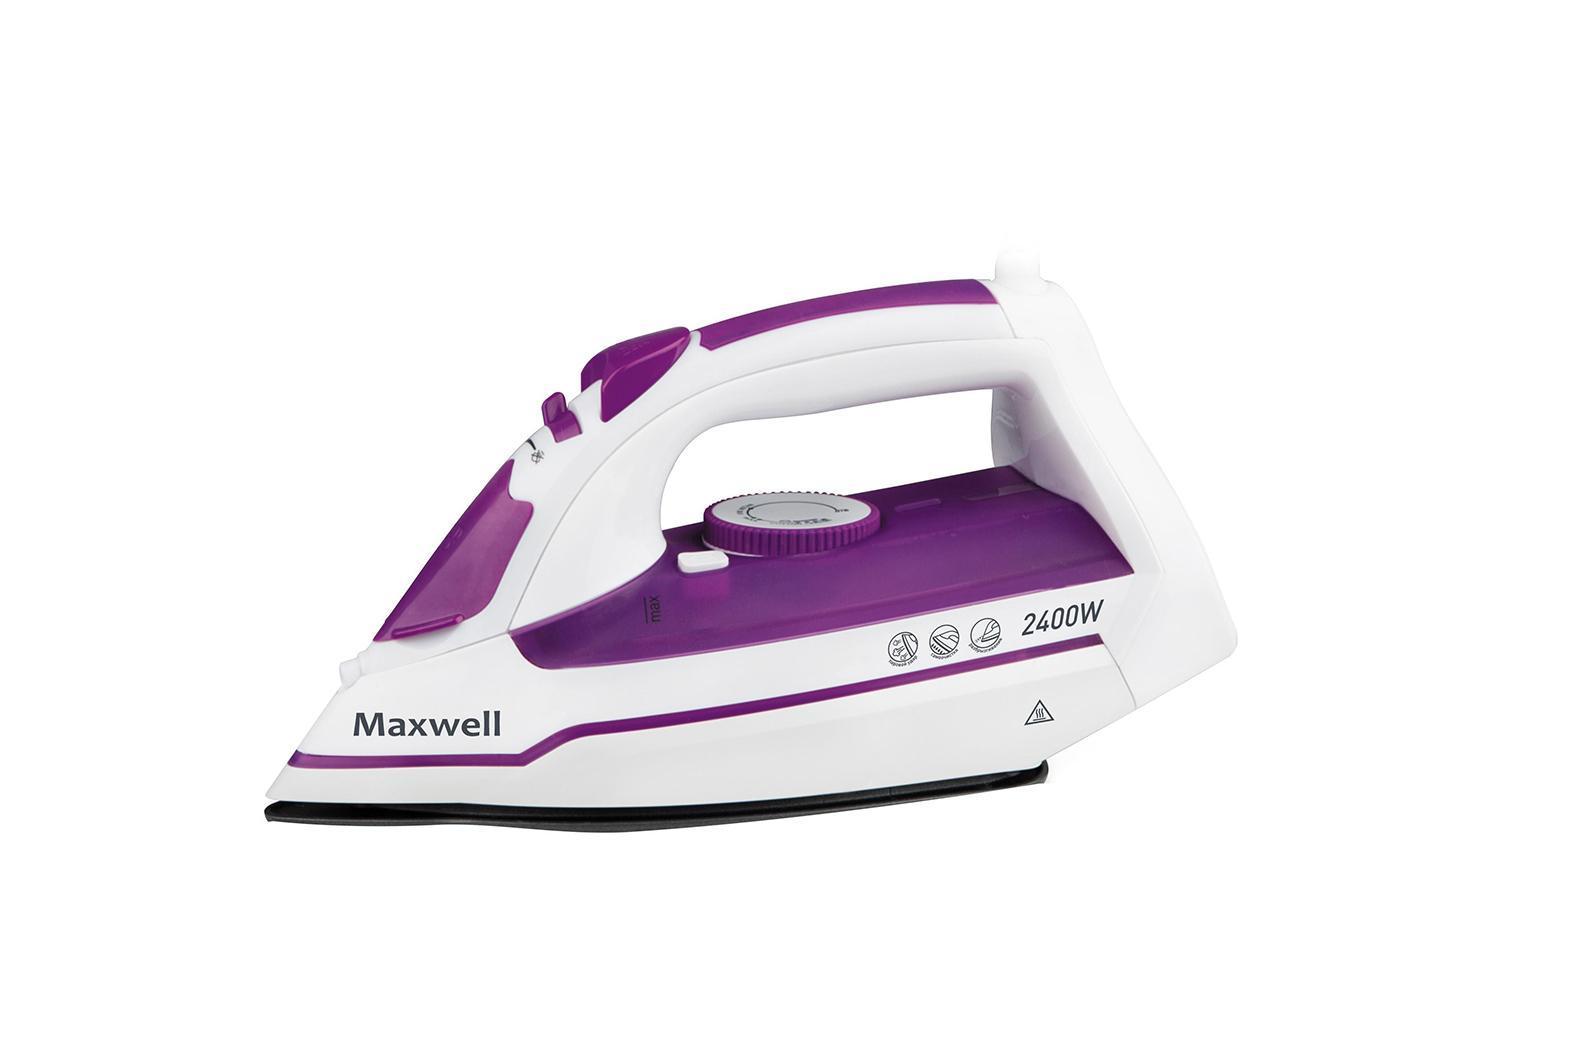 Maxwell MW-3035 (VT)MW-3035(VT)Затрудняетесь в выборе качественного утюга для ухода за вещами? Обратите внимание на утюг MAXWELL MW-3035 VT! Компактная модель наделена высокой мощностью и всеми необходимыми опциями для разглаживания вещей из разных тканей. Вы с легкостью измените температуру нагрева подошвы утюга, а также воспользуетесь системой разбрызгивания воды или паровым ударом для упрощения процесса глажки. Утюг привлекателен внешне, фиолетовые элементы корпуса приковывают взгляды. Пользоваться данным устройством максимально удобно, учитывая, что элементы управления расположены под рукой, а шнур питания характеризуется шаровым креплением.